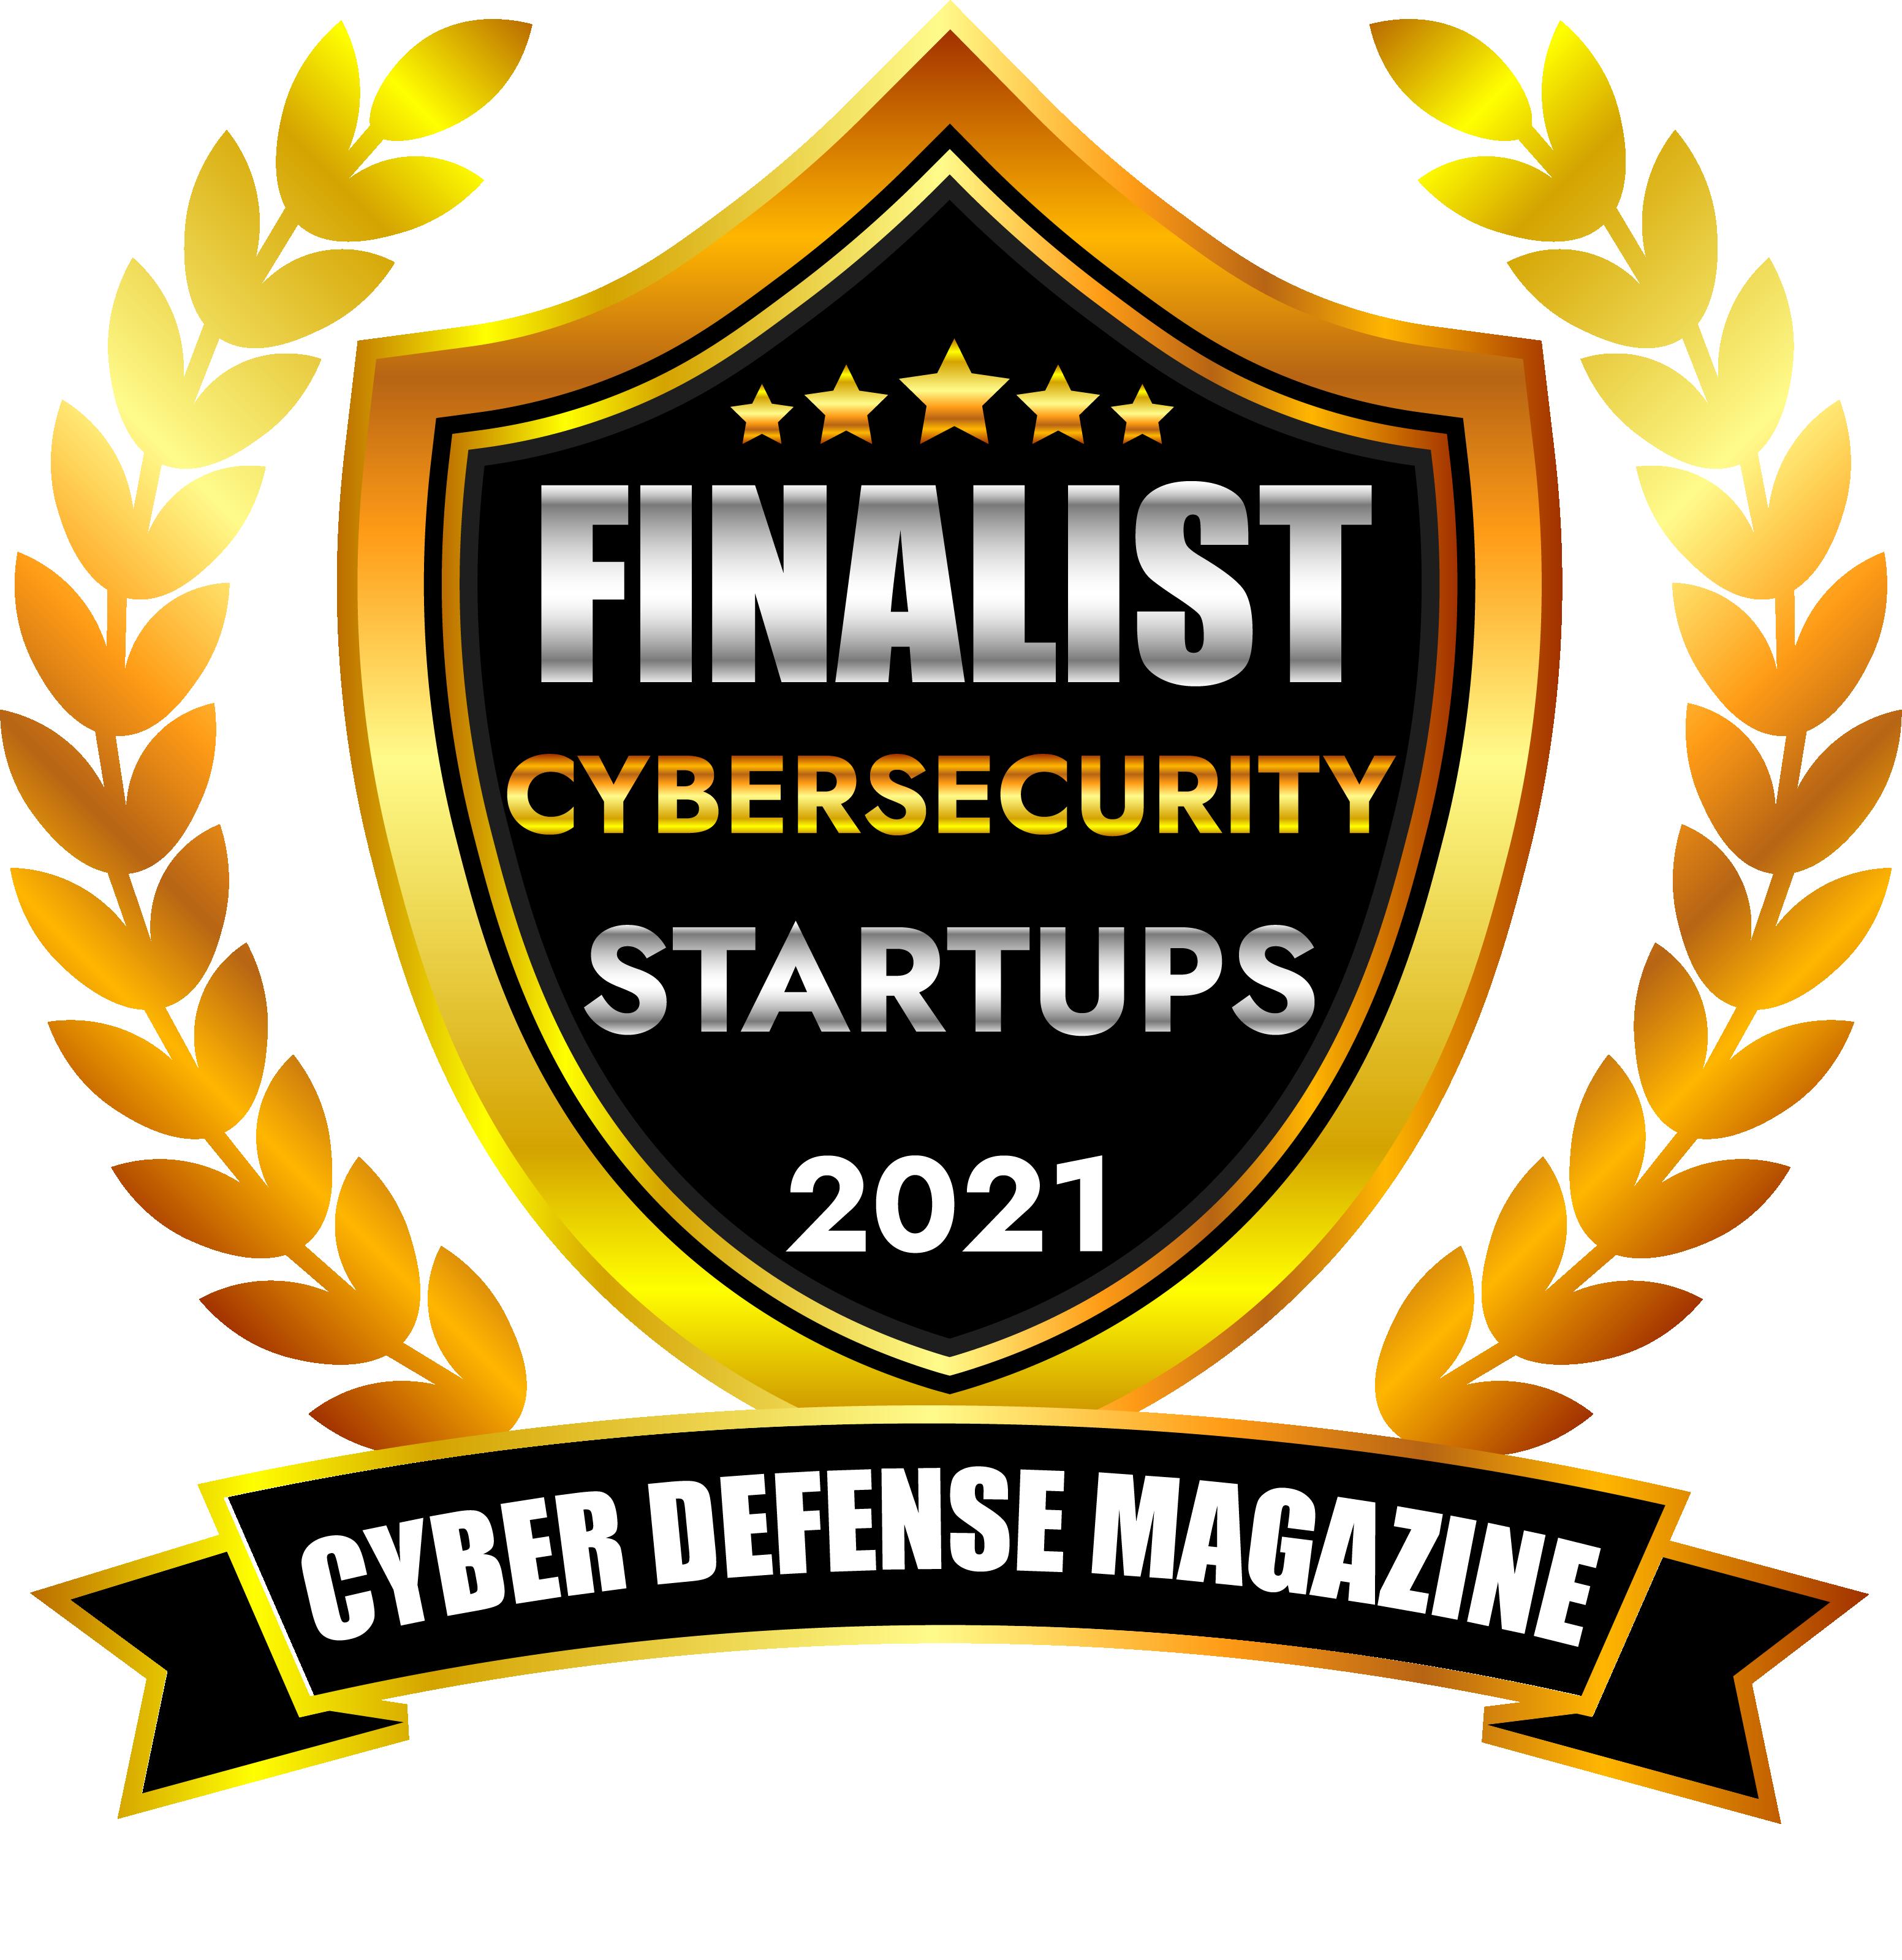 StartUp Finalist Cyber Defense Magazine